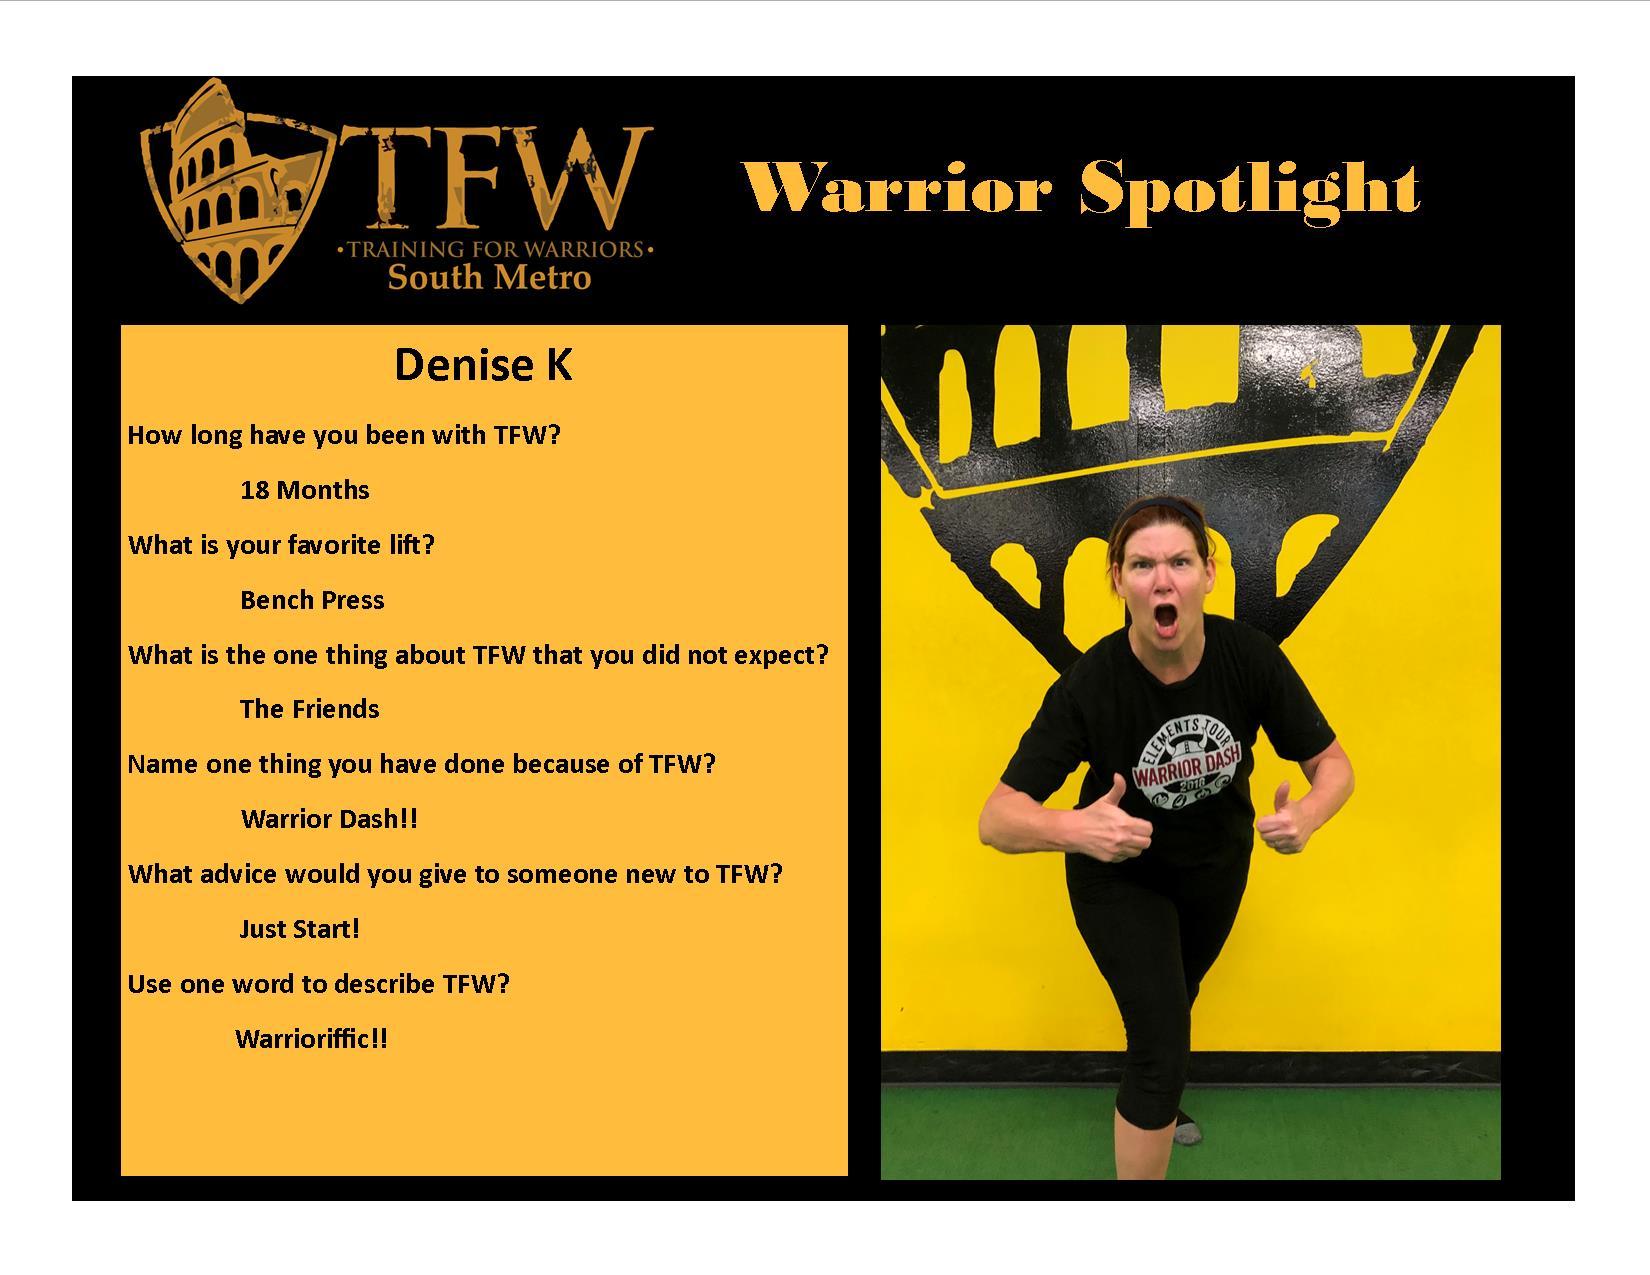 TFW South Metro Warrior, Denise